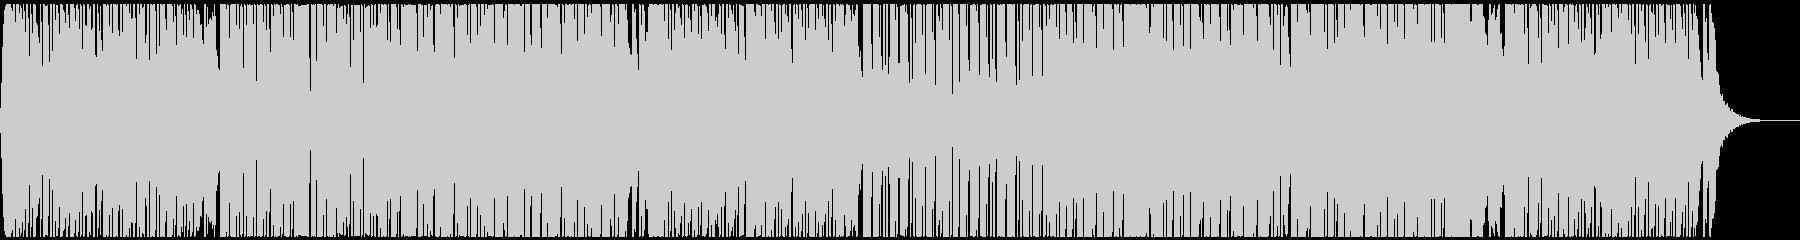 軽快リズミカルテクノポップ CM・映像の未再生の波形